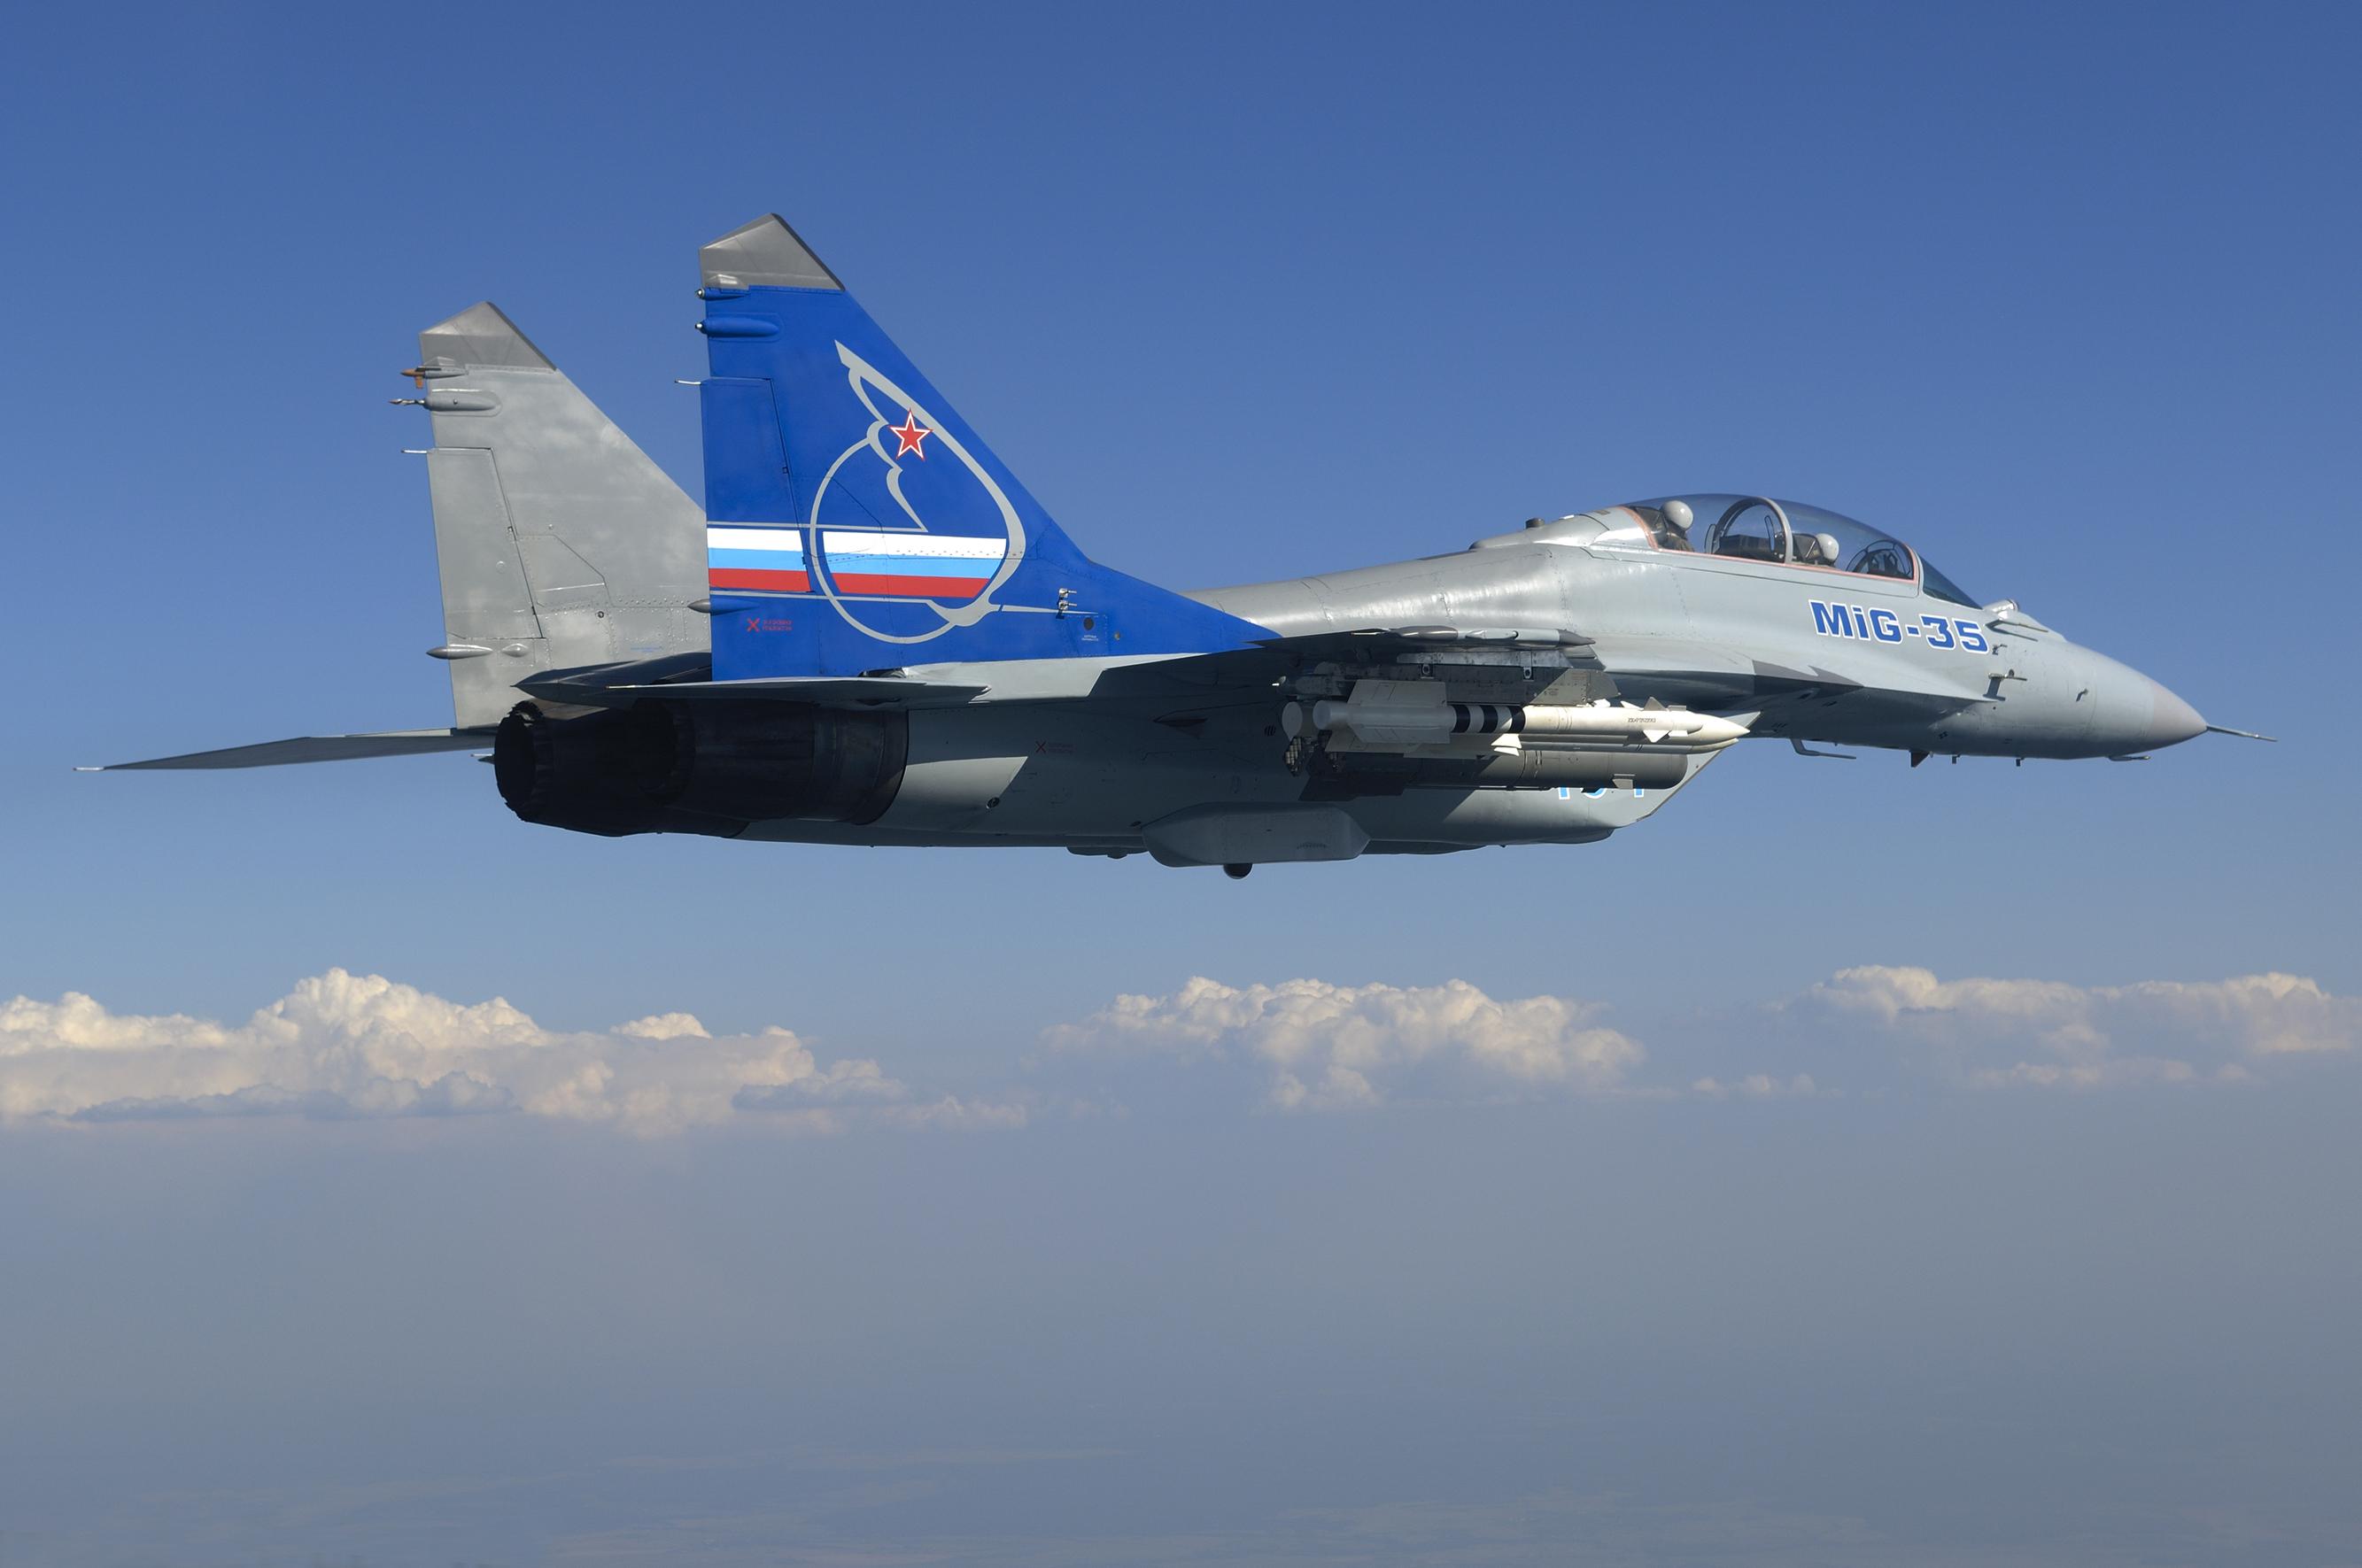 повозка фото российских самолетов с названиями несколько лет сети